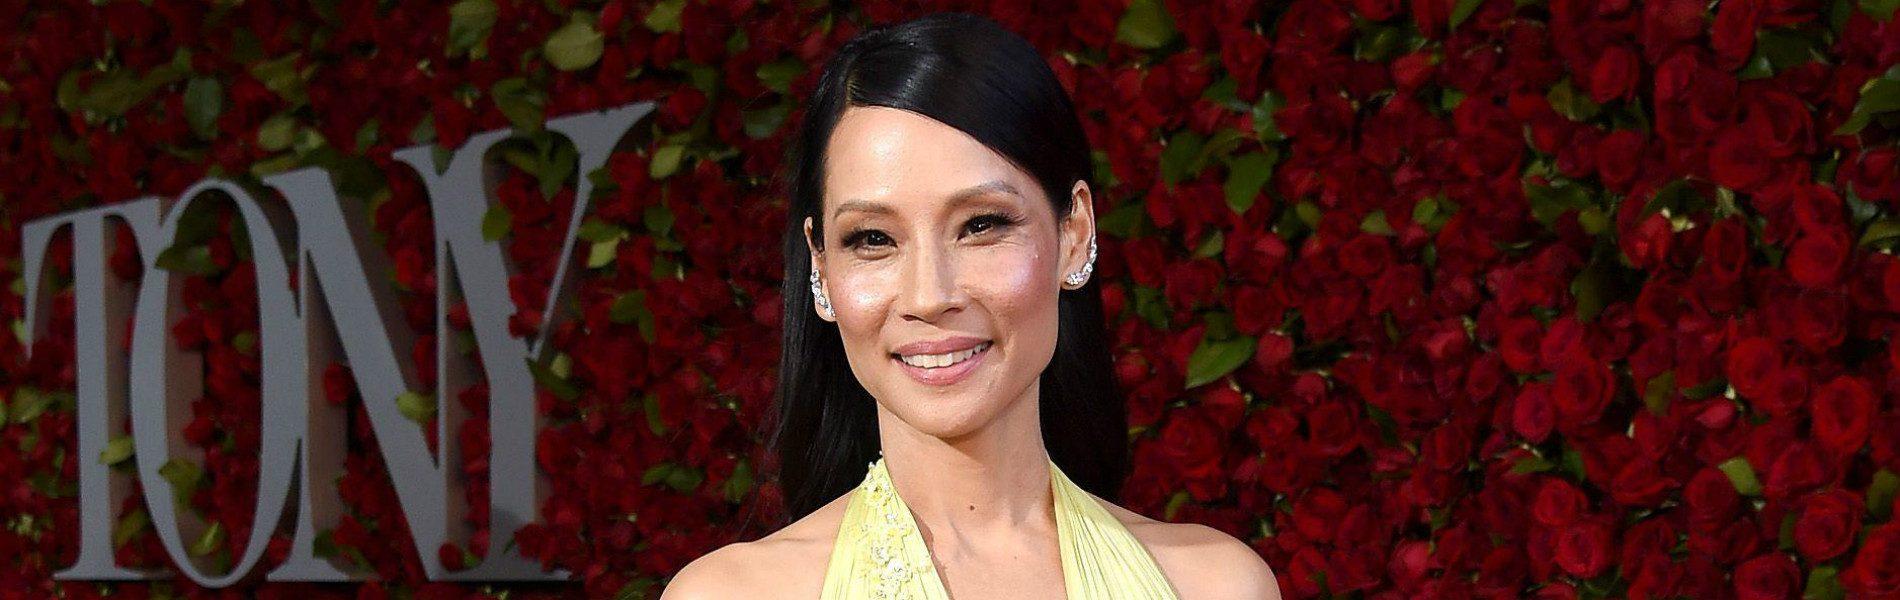 10 soha nem hallott érdekesség Lucy Liu színésznőről